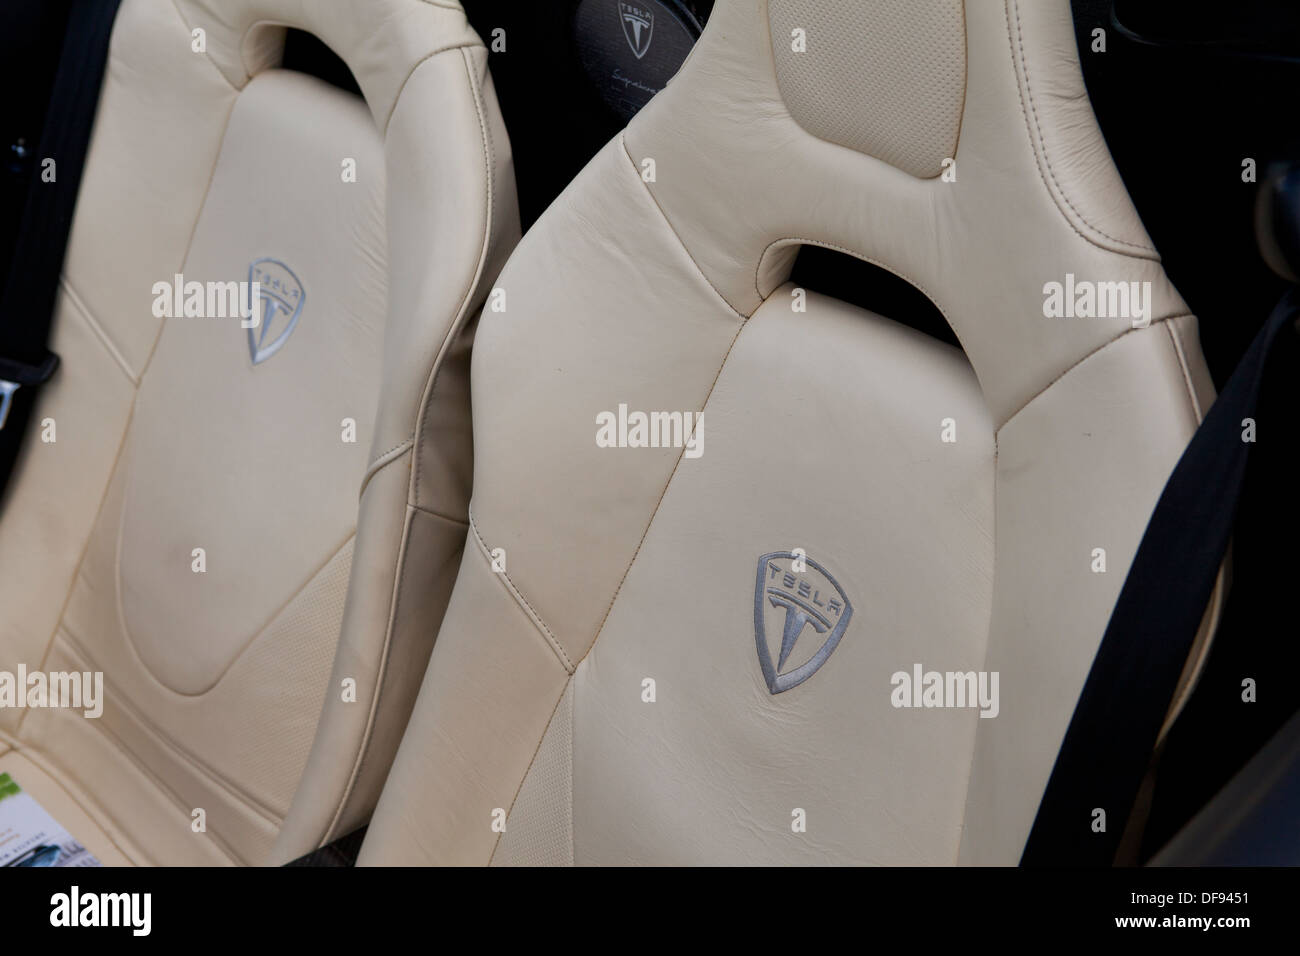 Tesla Roadster bucket seats - Stock Image